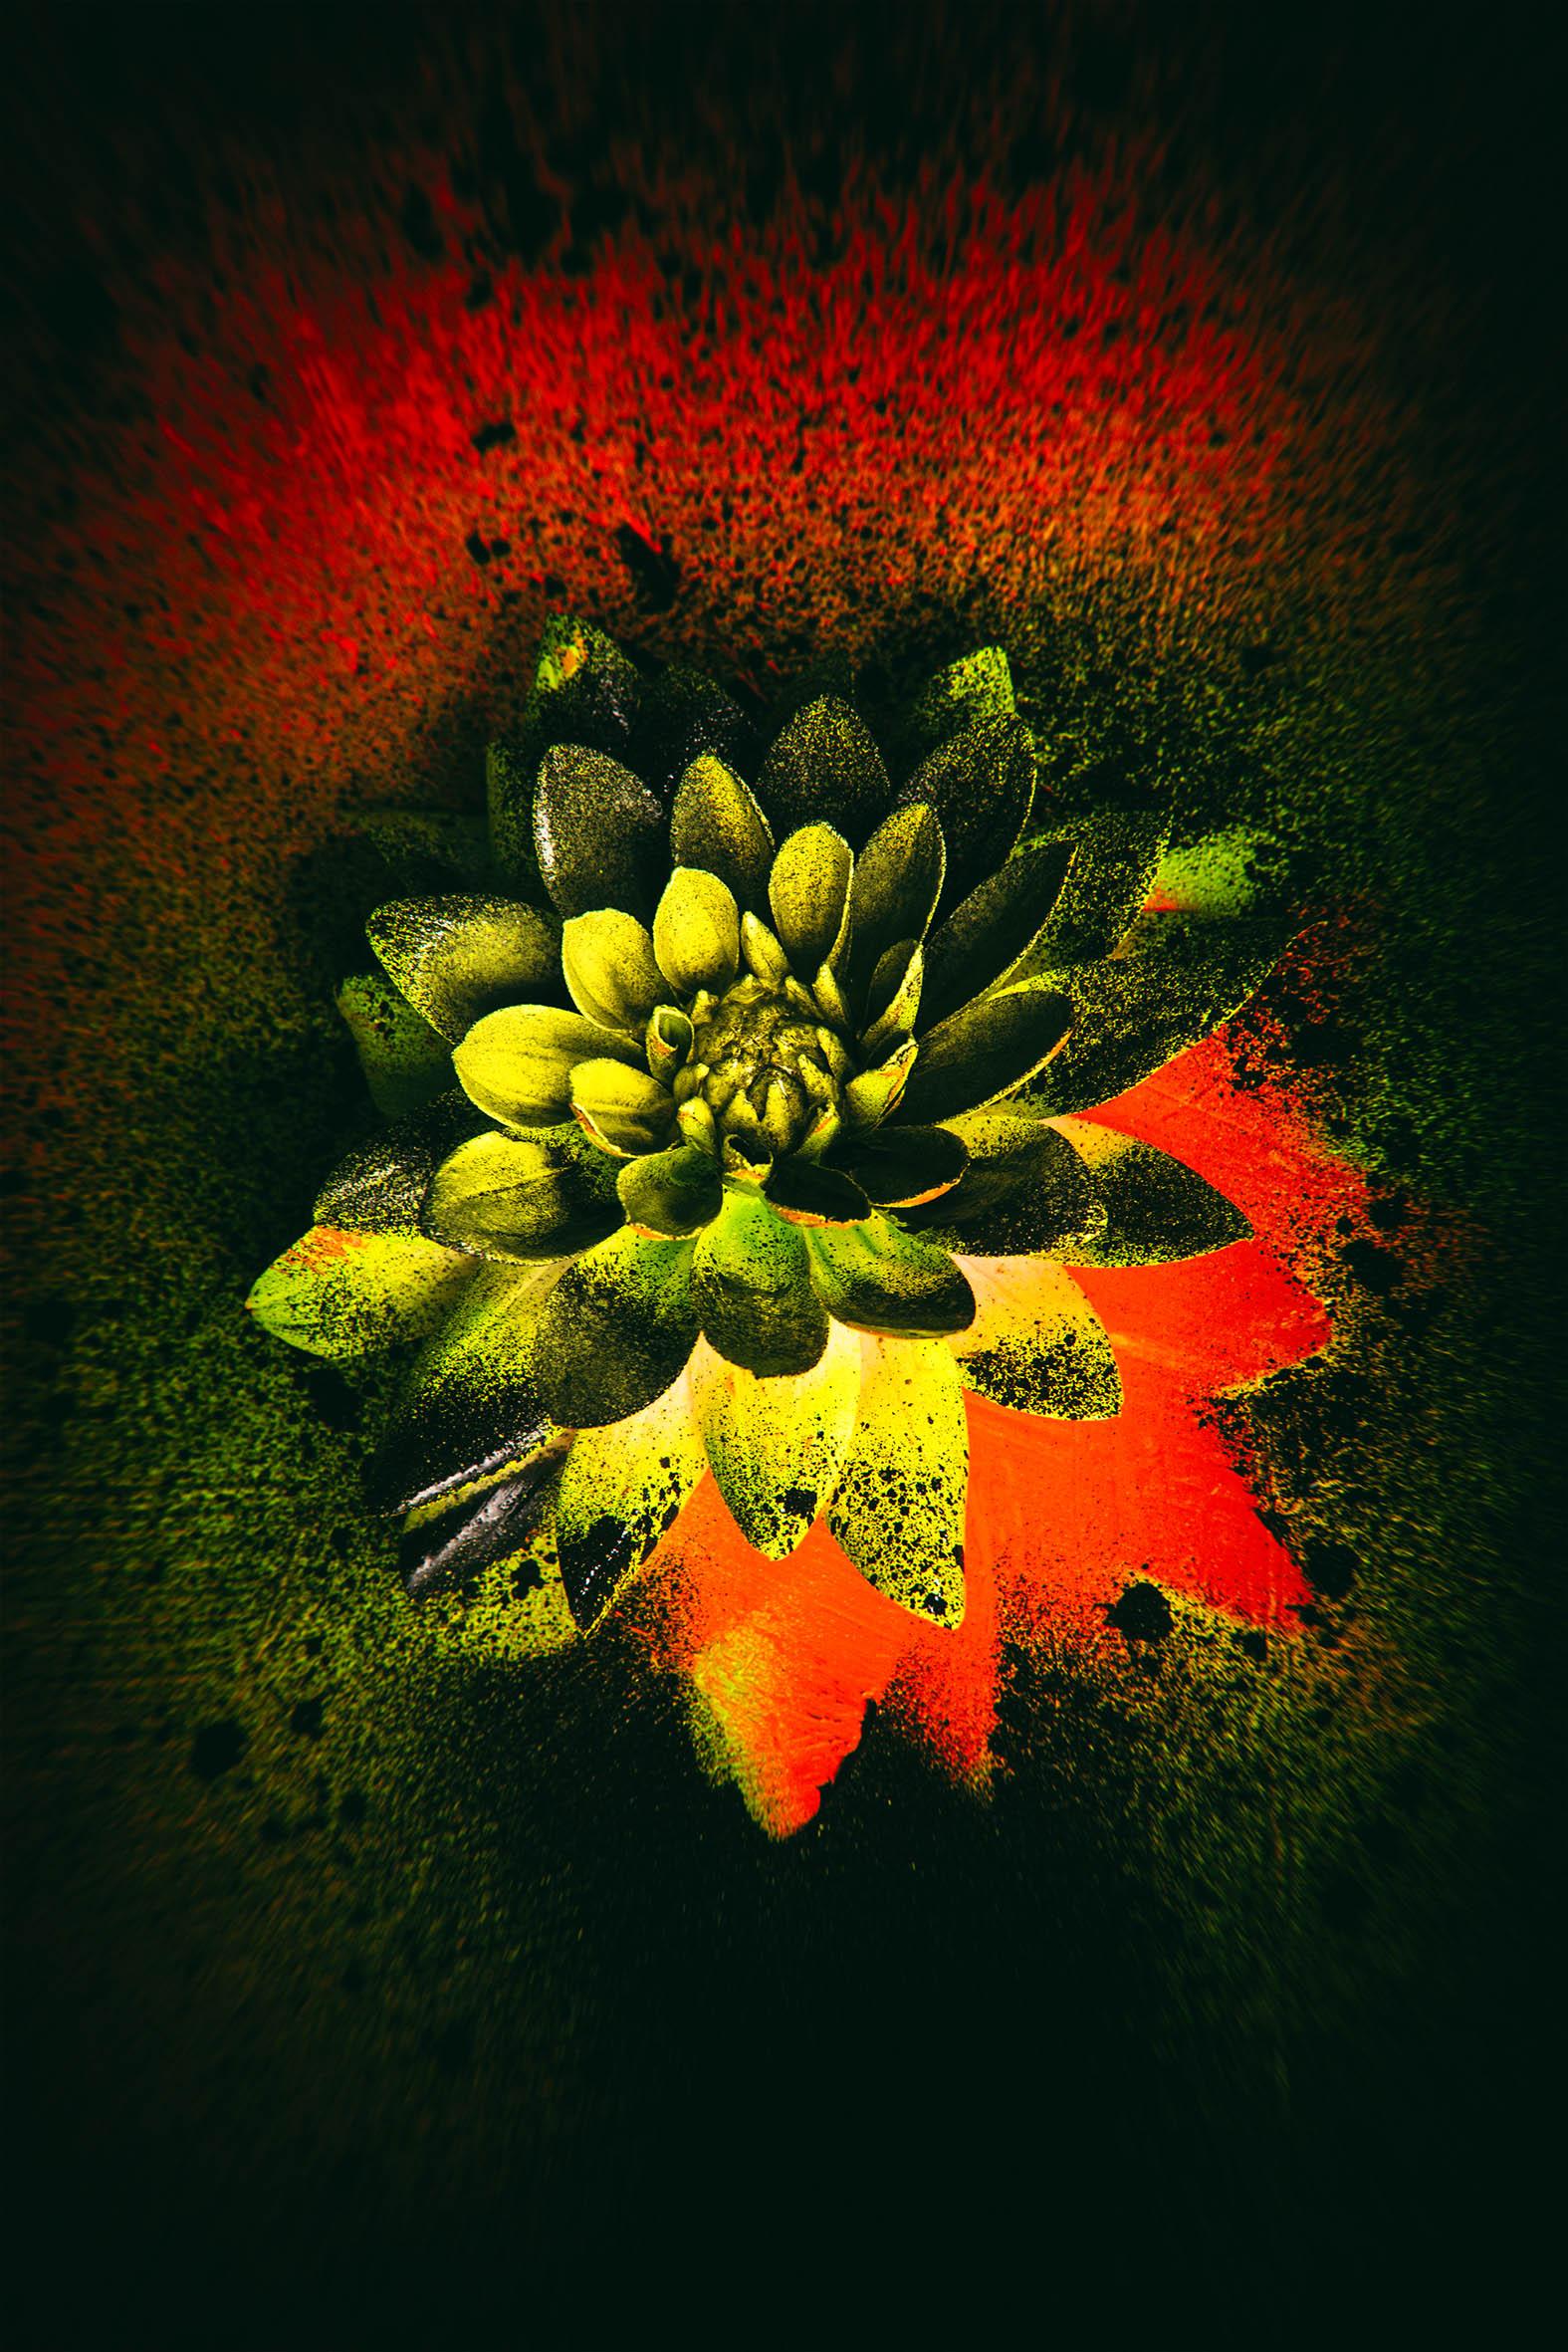 0073_Flower-07092015-0609.jpg